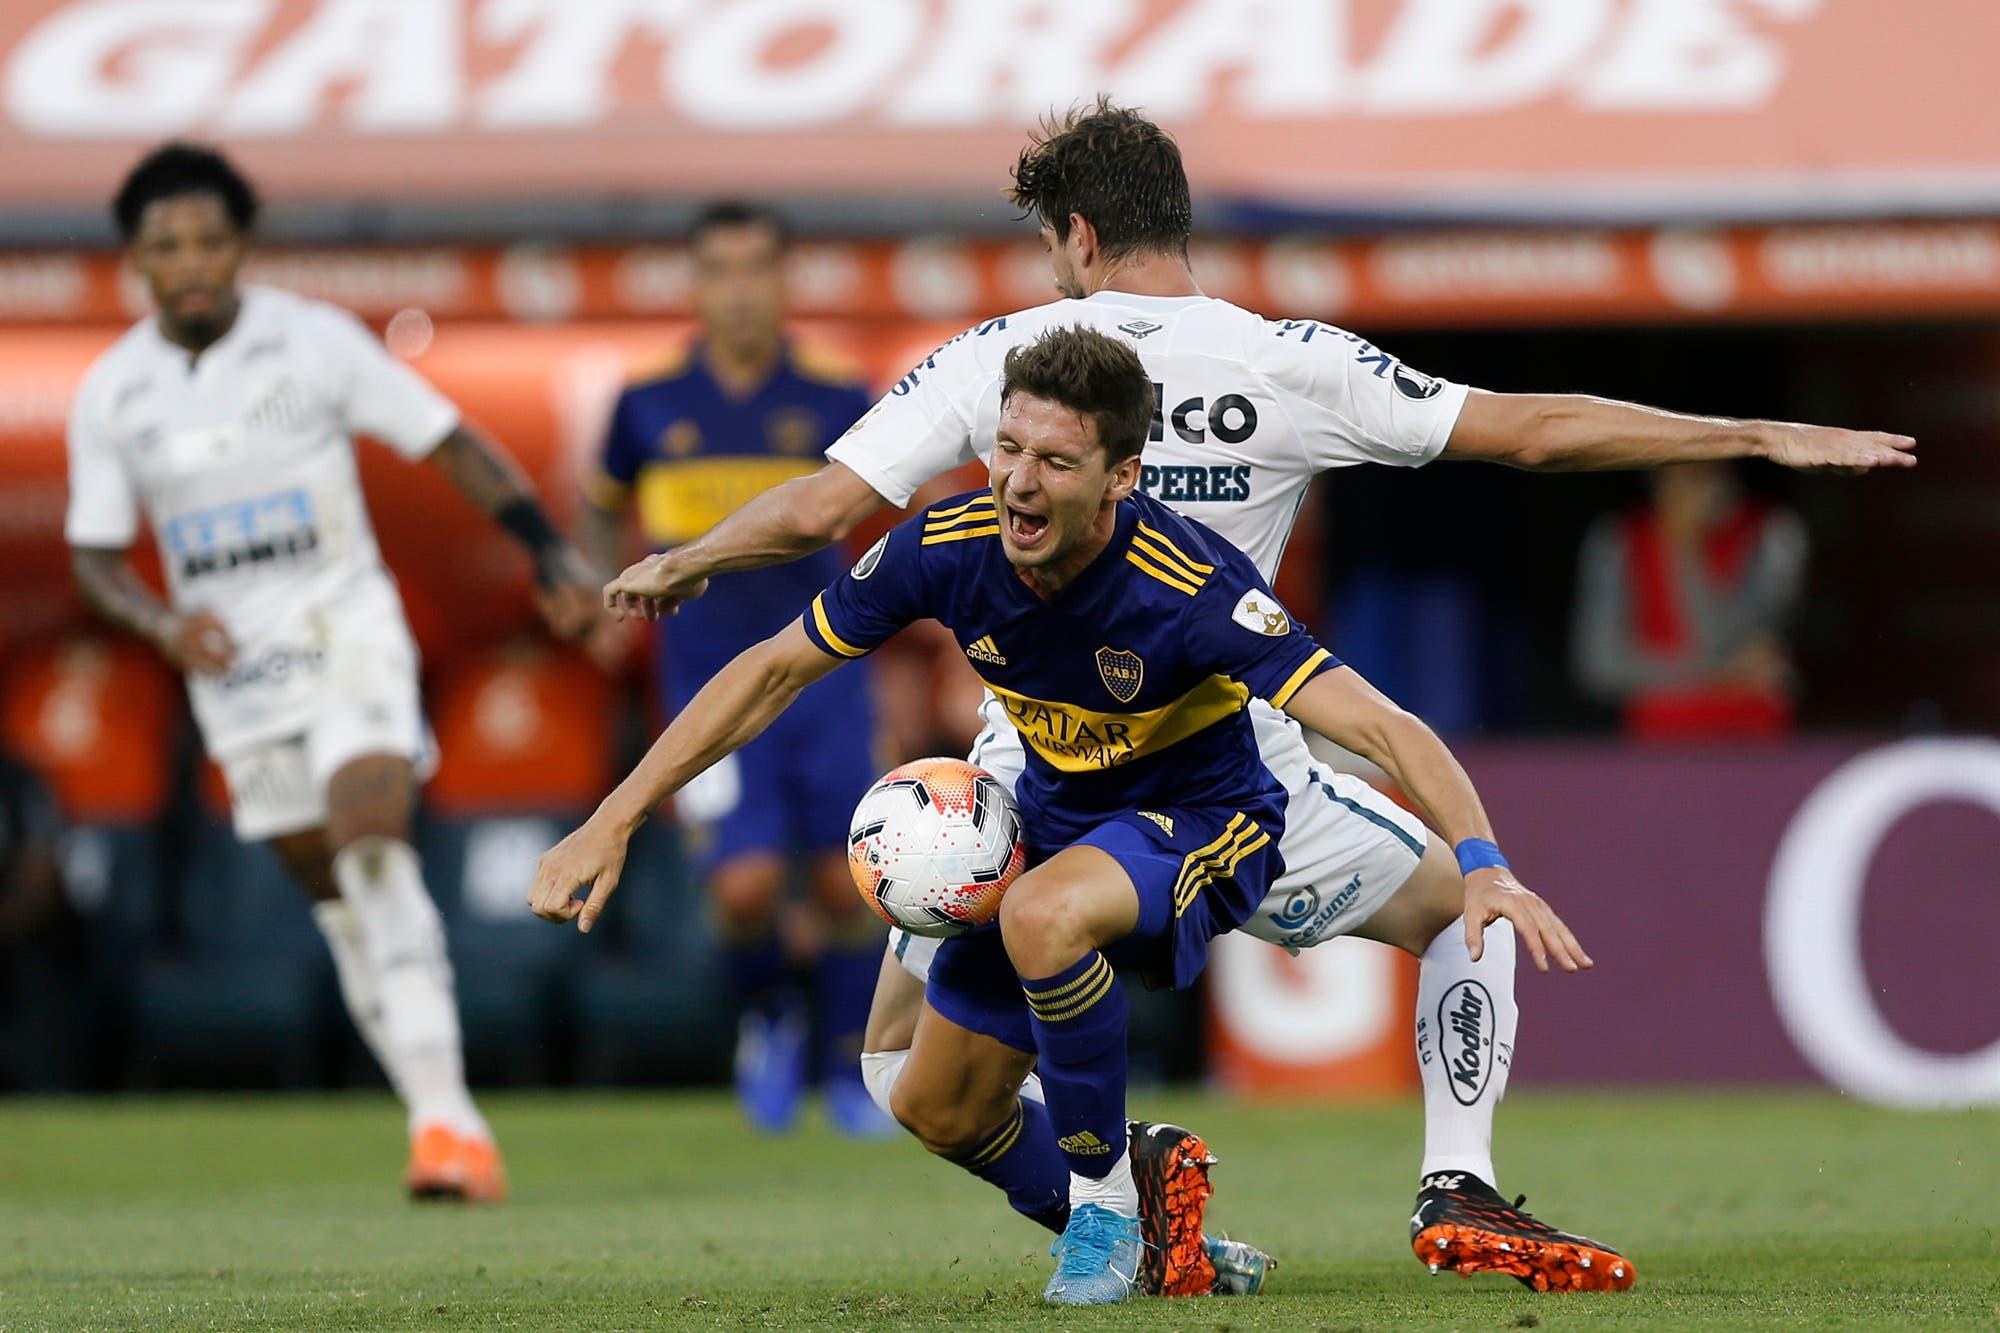 Boca y Santos jugaron a no perder y les salió bien a los dos, aunque dejaron una duda: ¿fue fútbol o ajedrez?